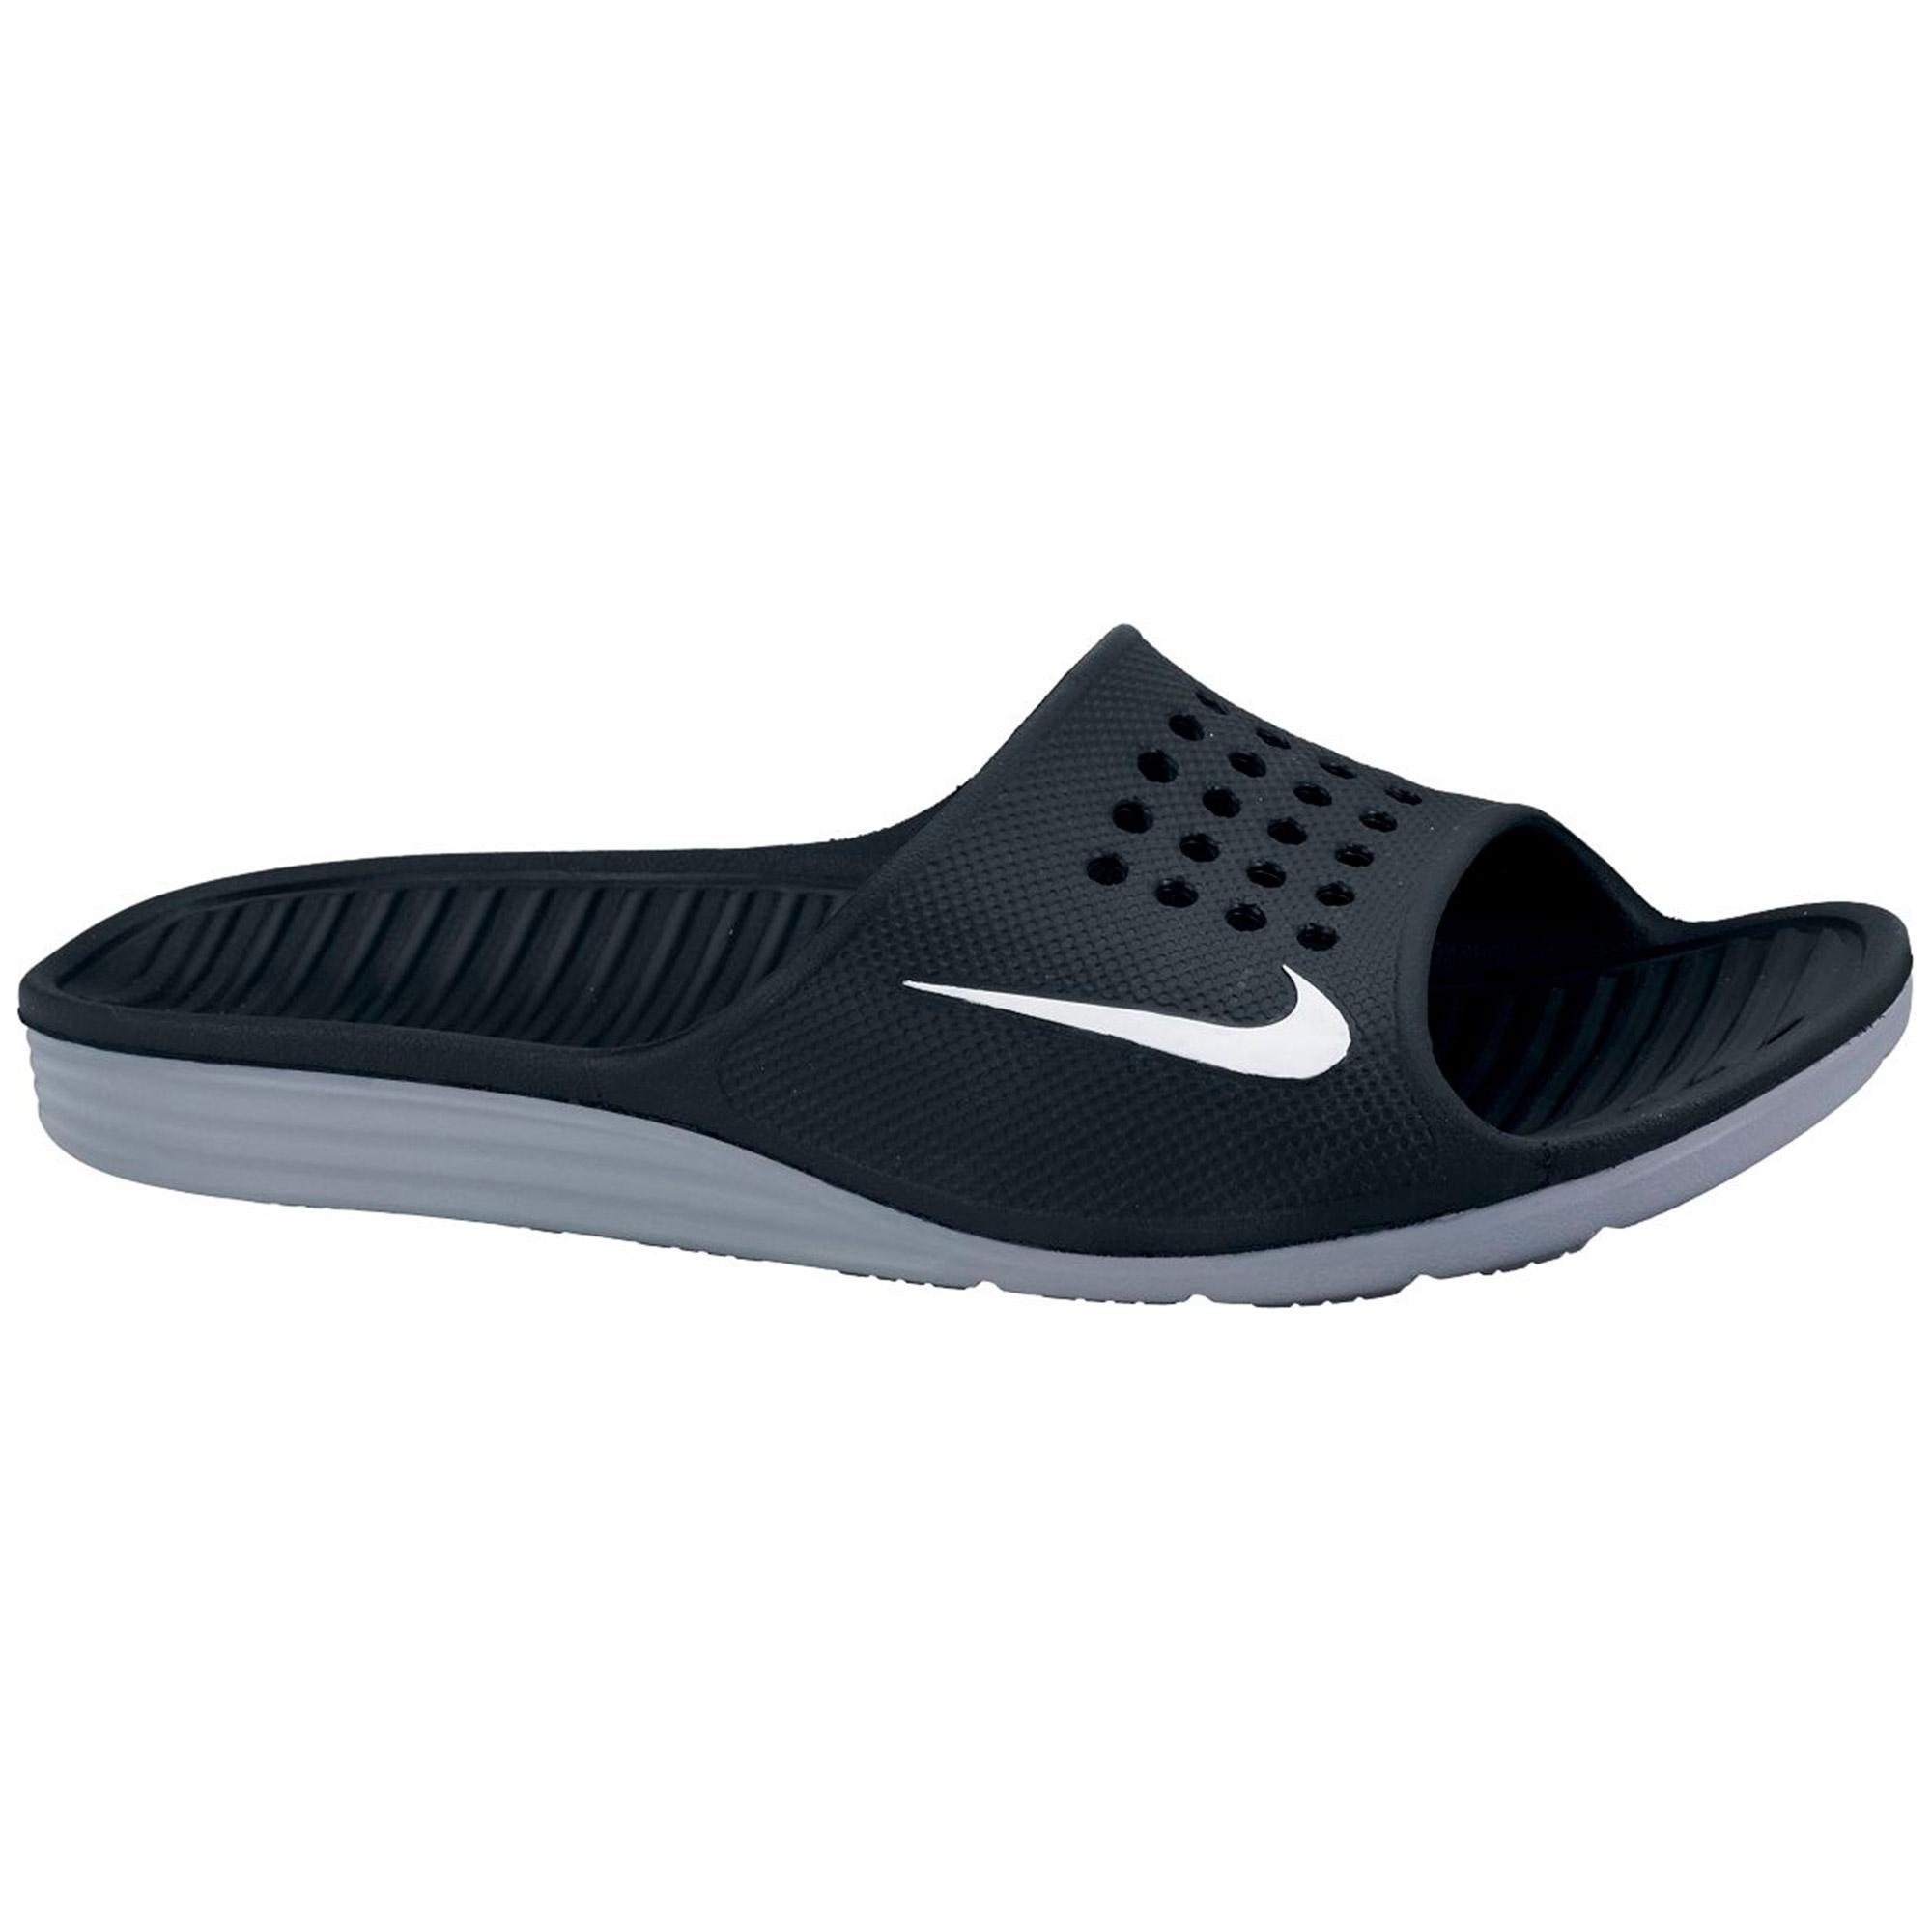 19d181f99117 Nike Solarsoft Flip Flops - Black - Tennisnuts.com